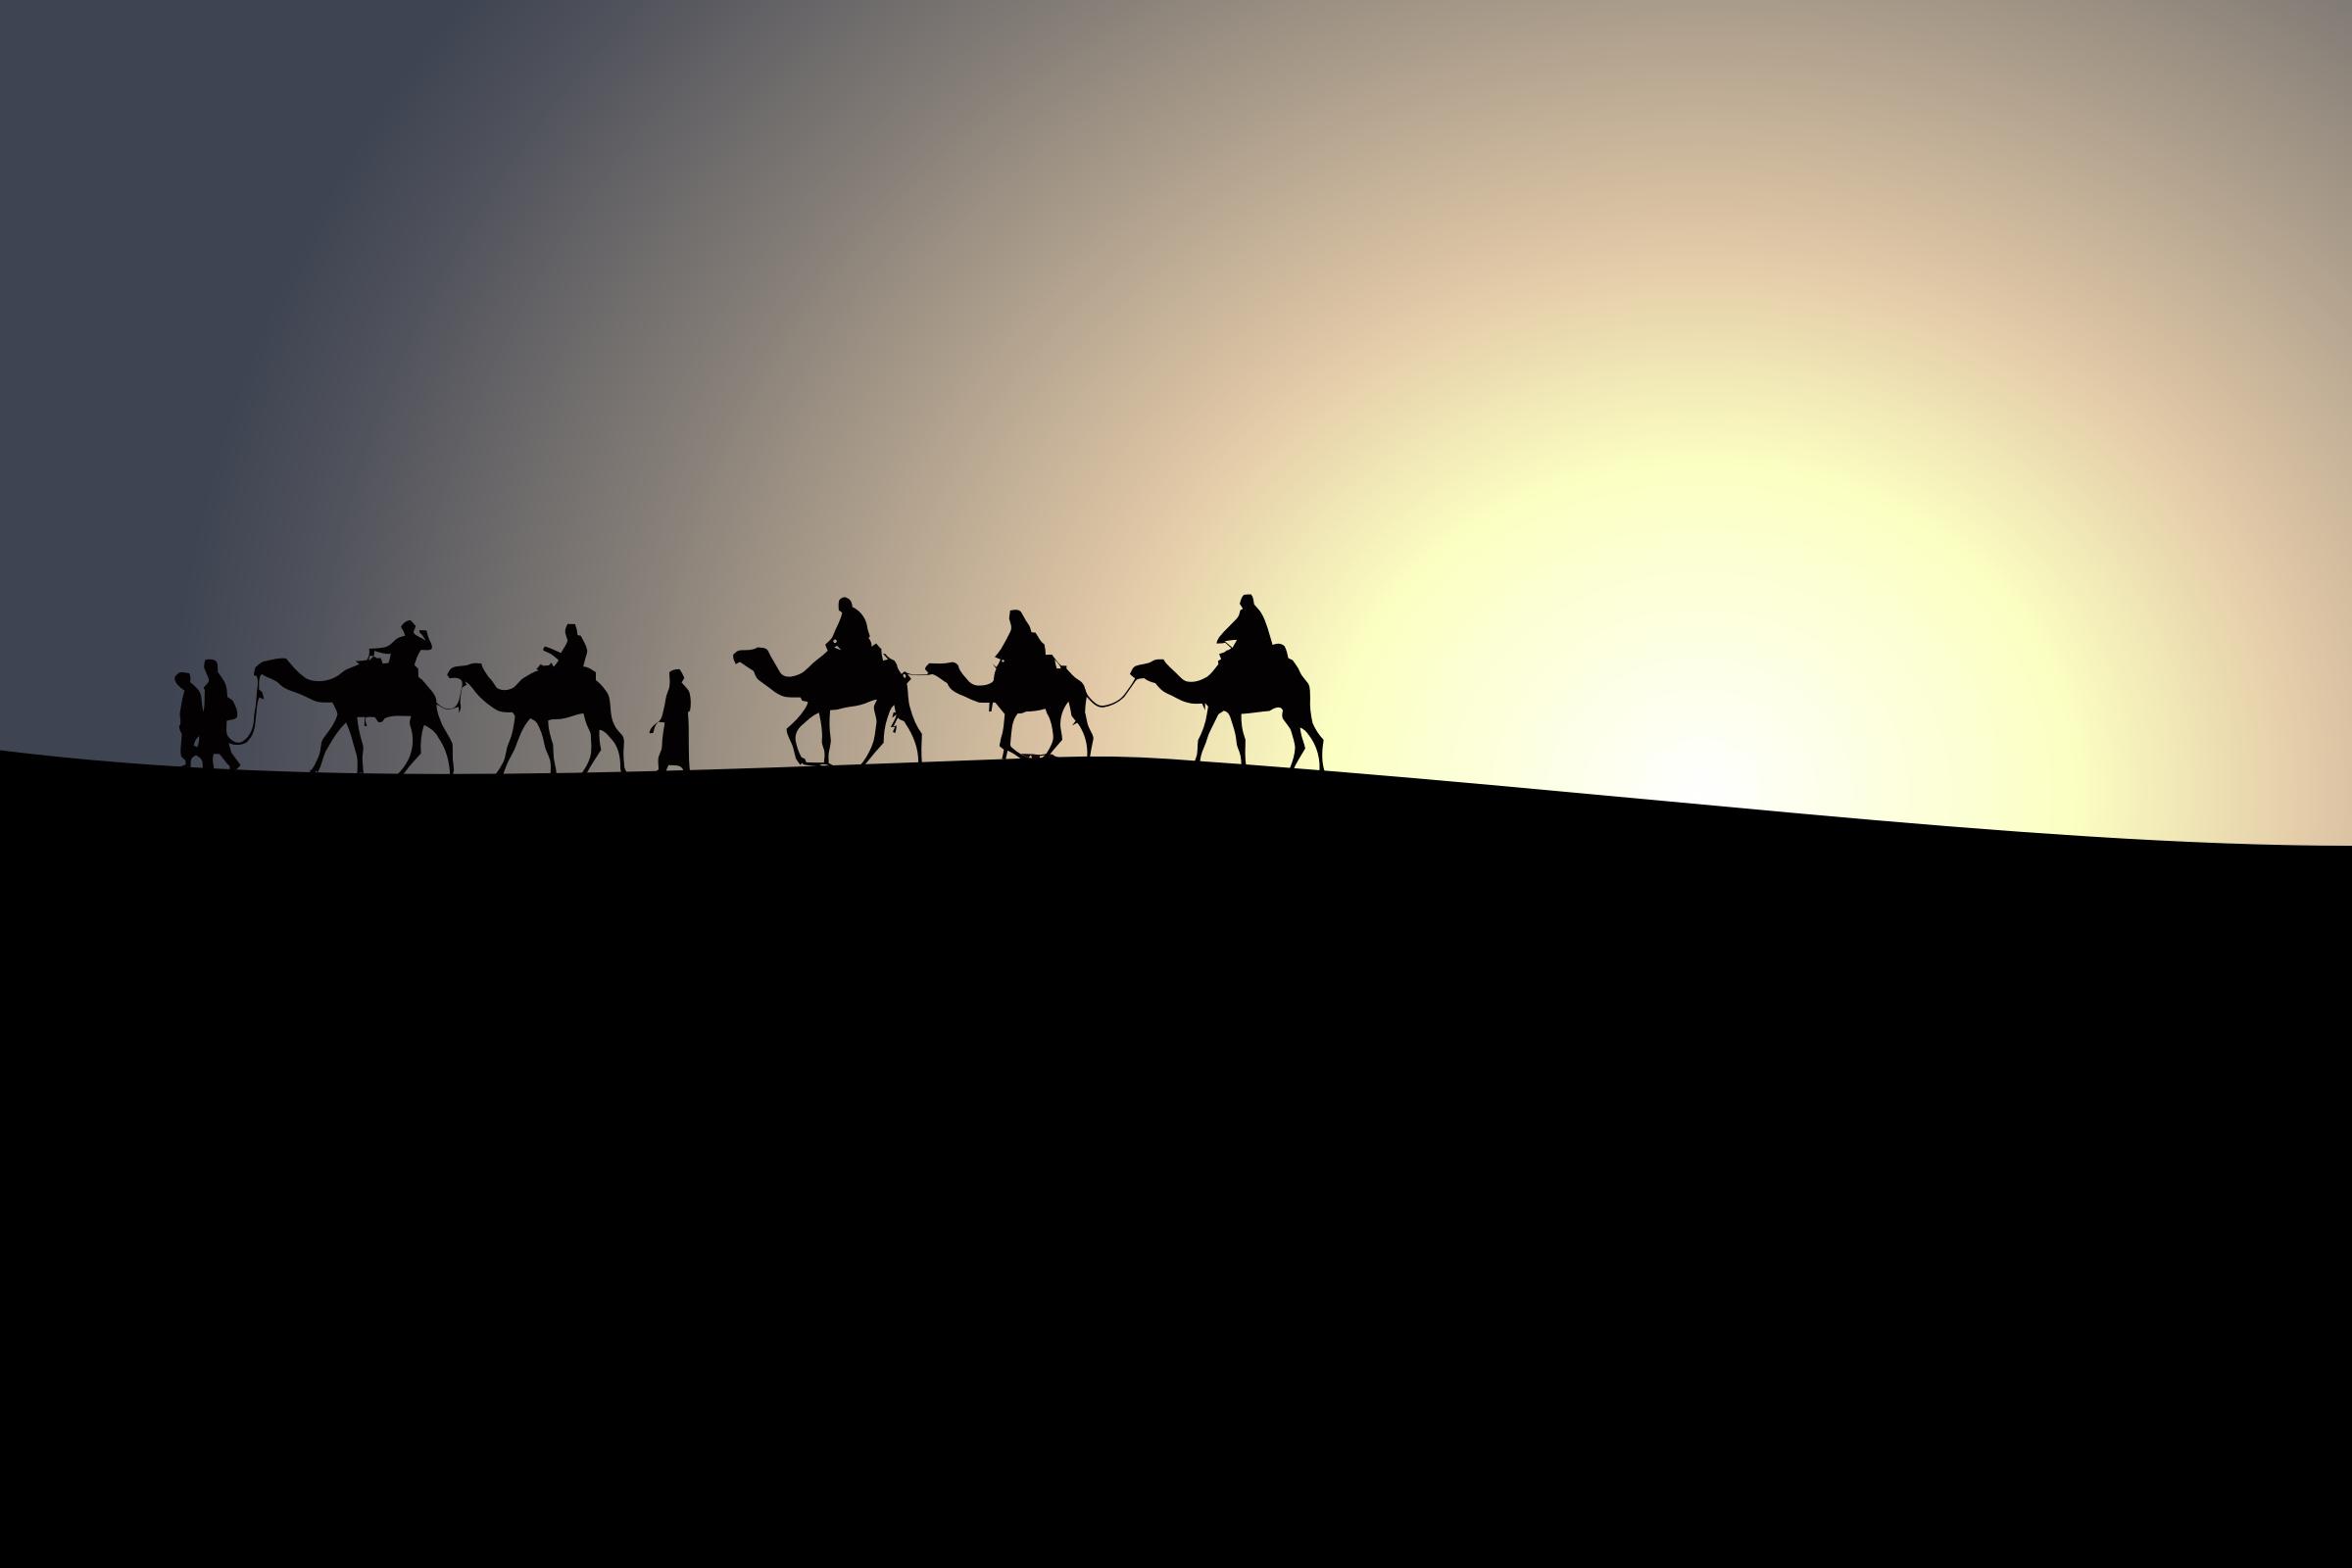 Camel Caravan clipart silhouette Camels Caravan Camels Caravan Clipart